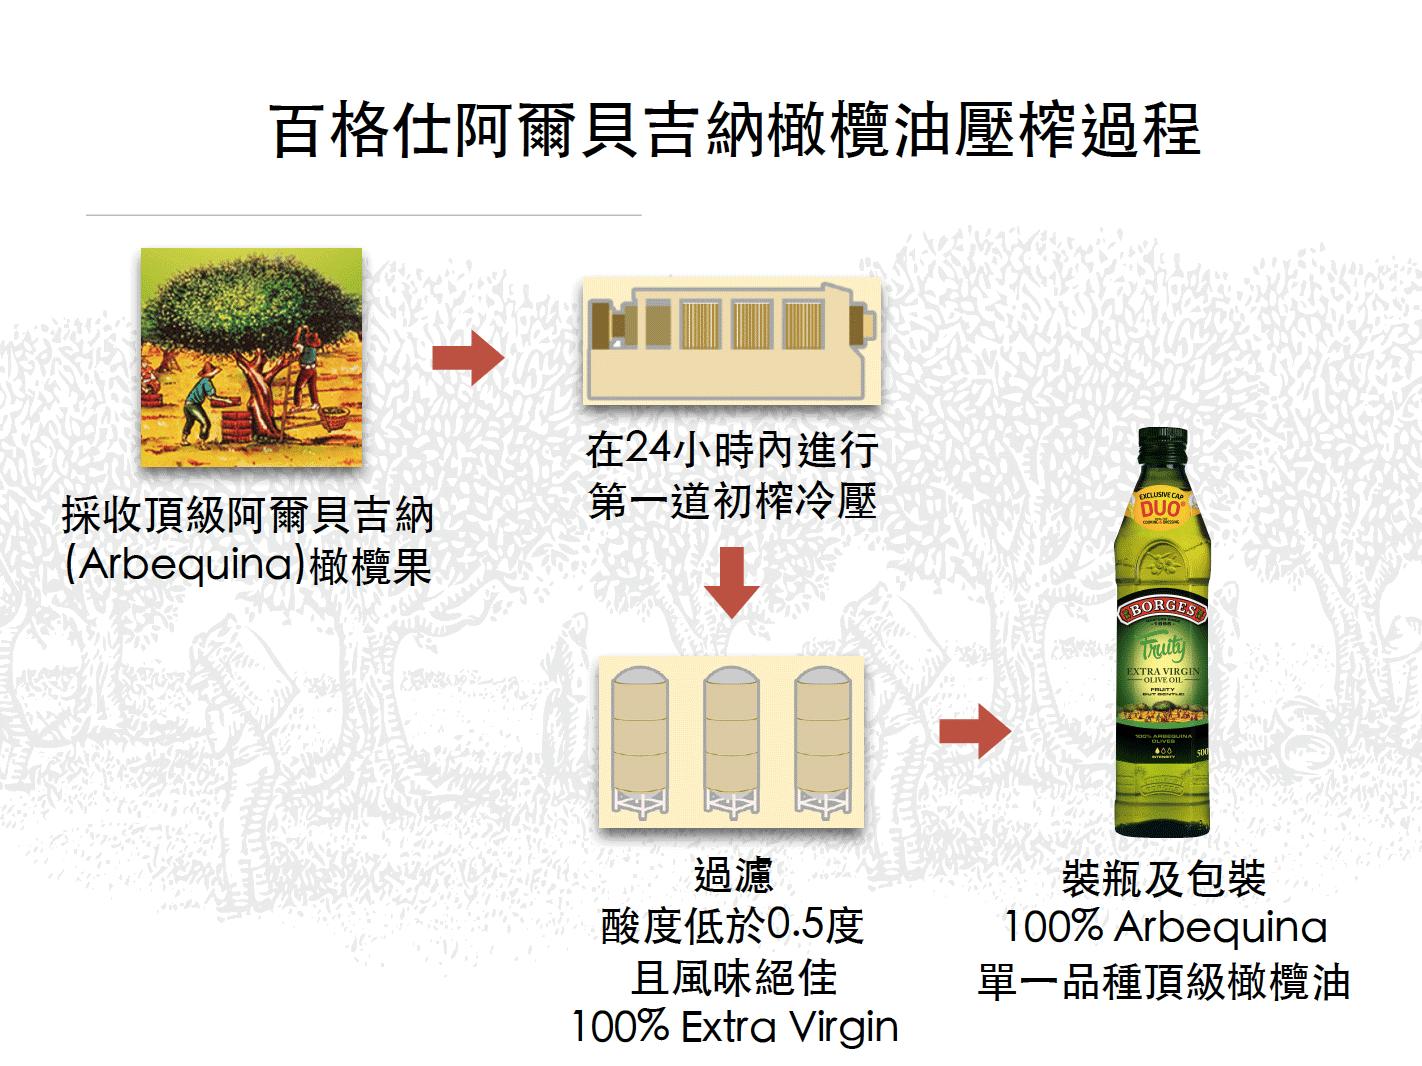 百格仕阿爾貝吉納(Arbequina)橄欖油壓榨過程